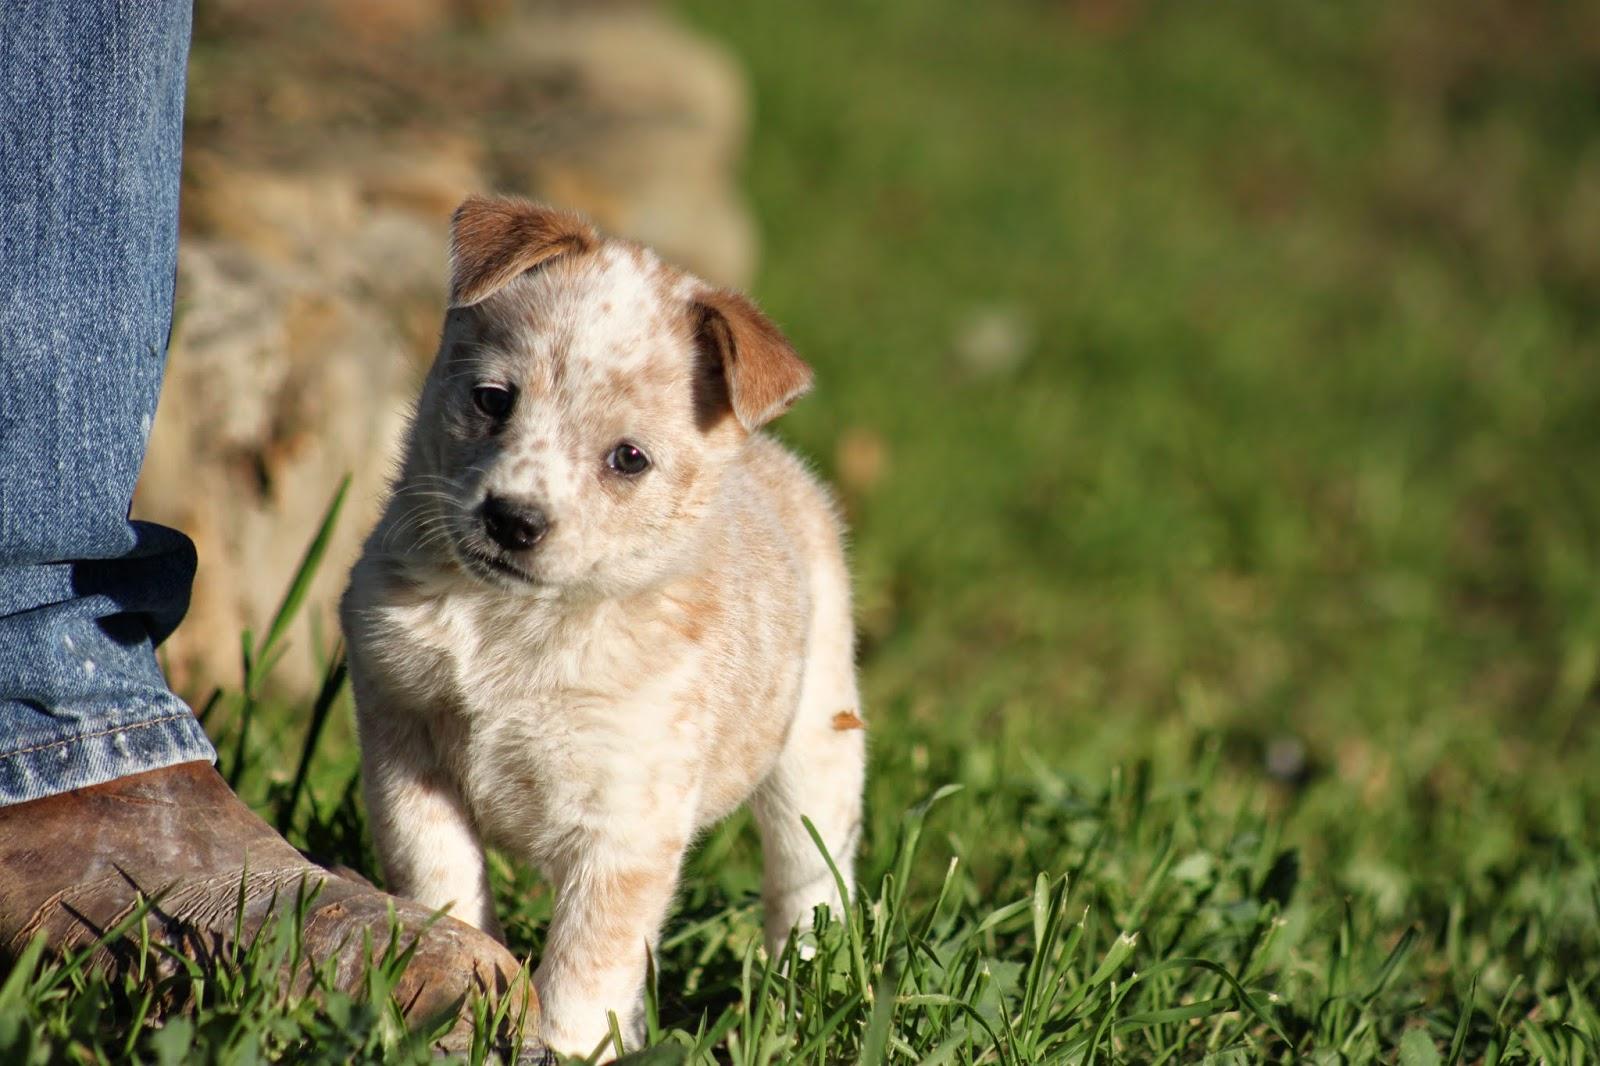 queensland heeler puppies for sale puppyfind com queensland heeler ...